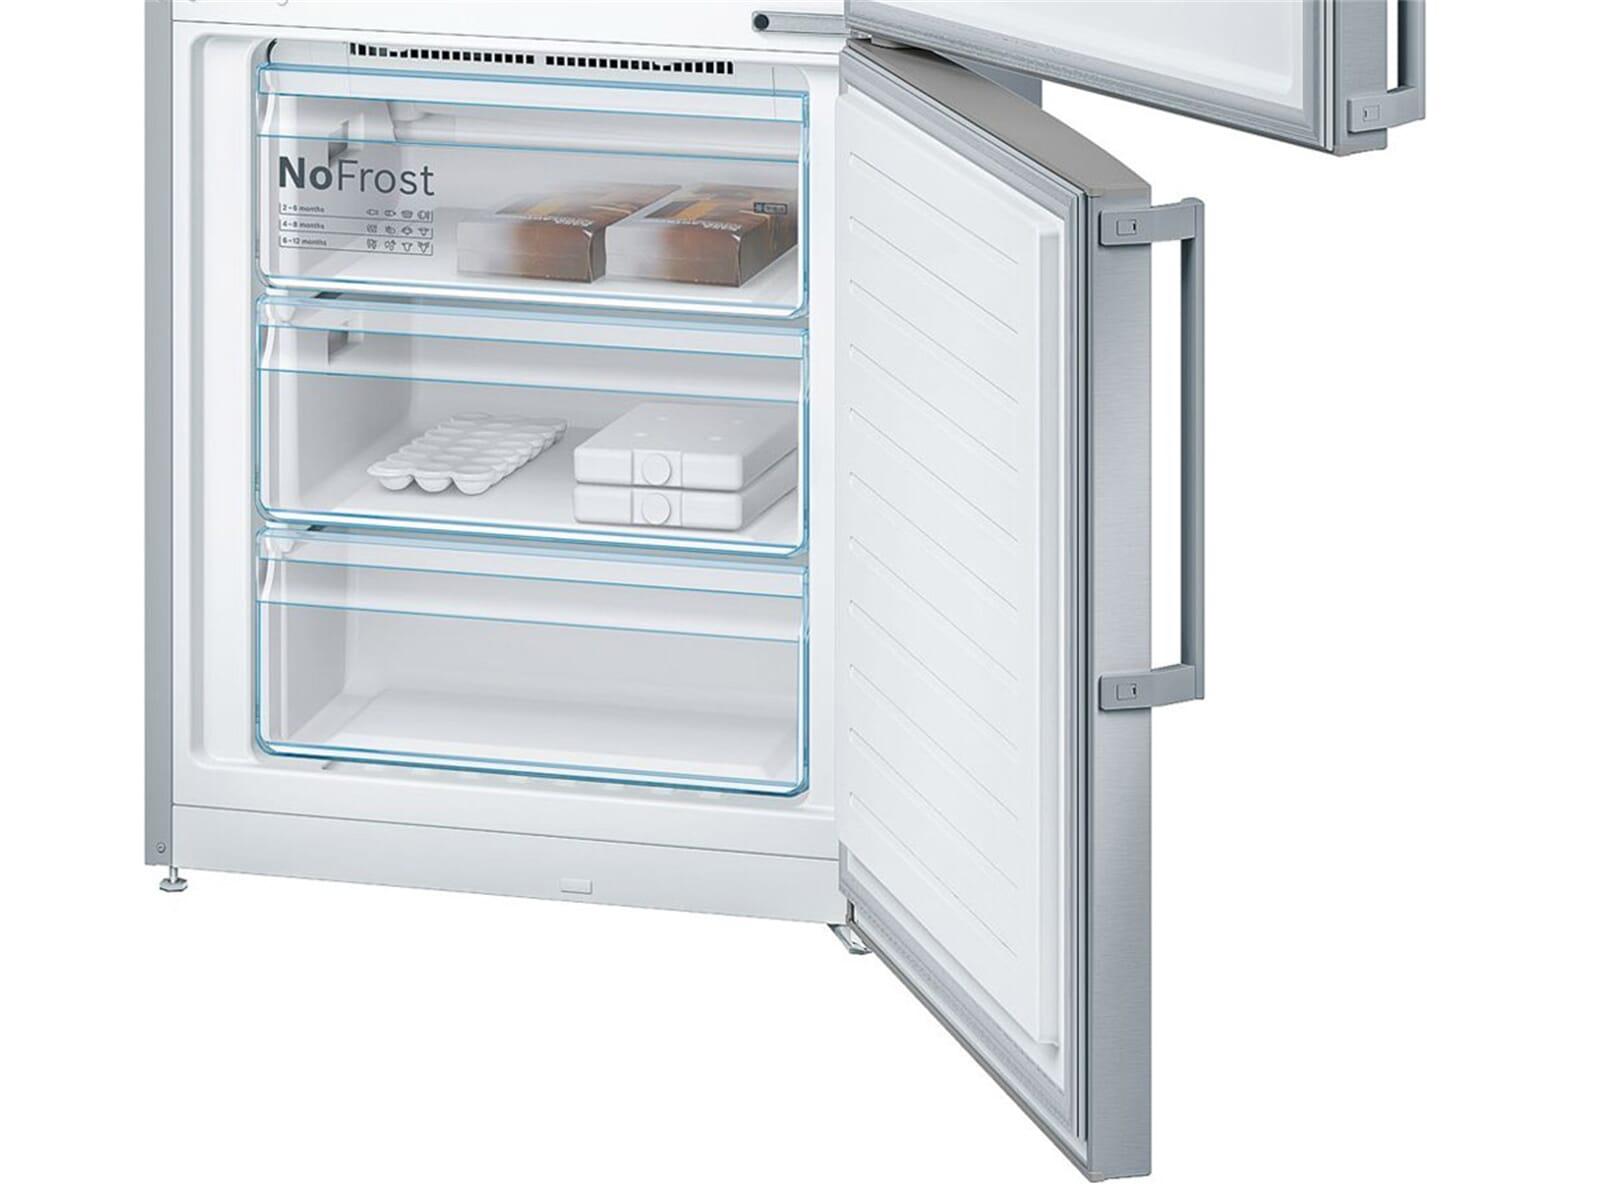 Bosch Kühlschrank Mit Eiswürfelbereiter Bedienungsanleitung : Bosch kgn ai kühl gefrierkombination edelstahl